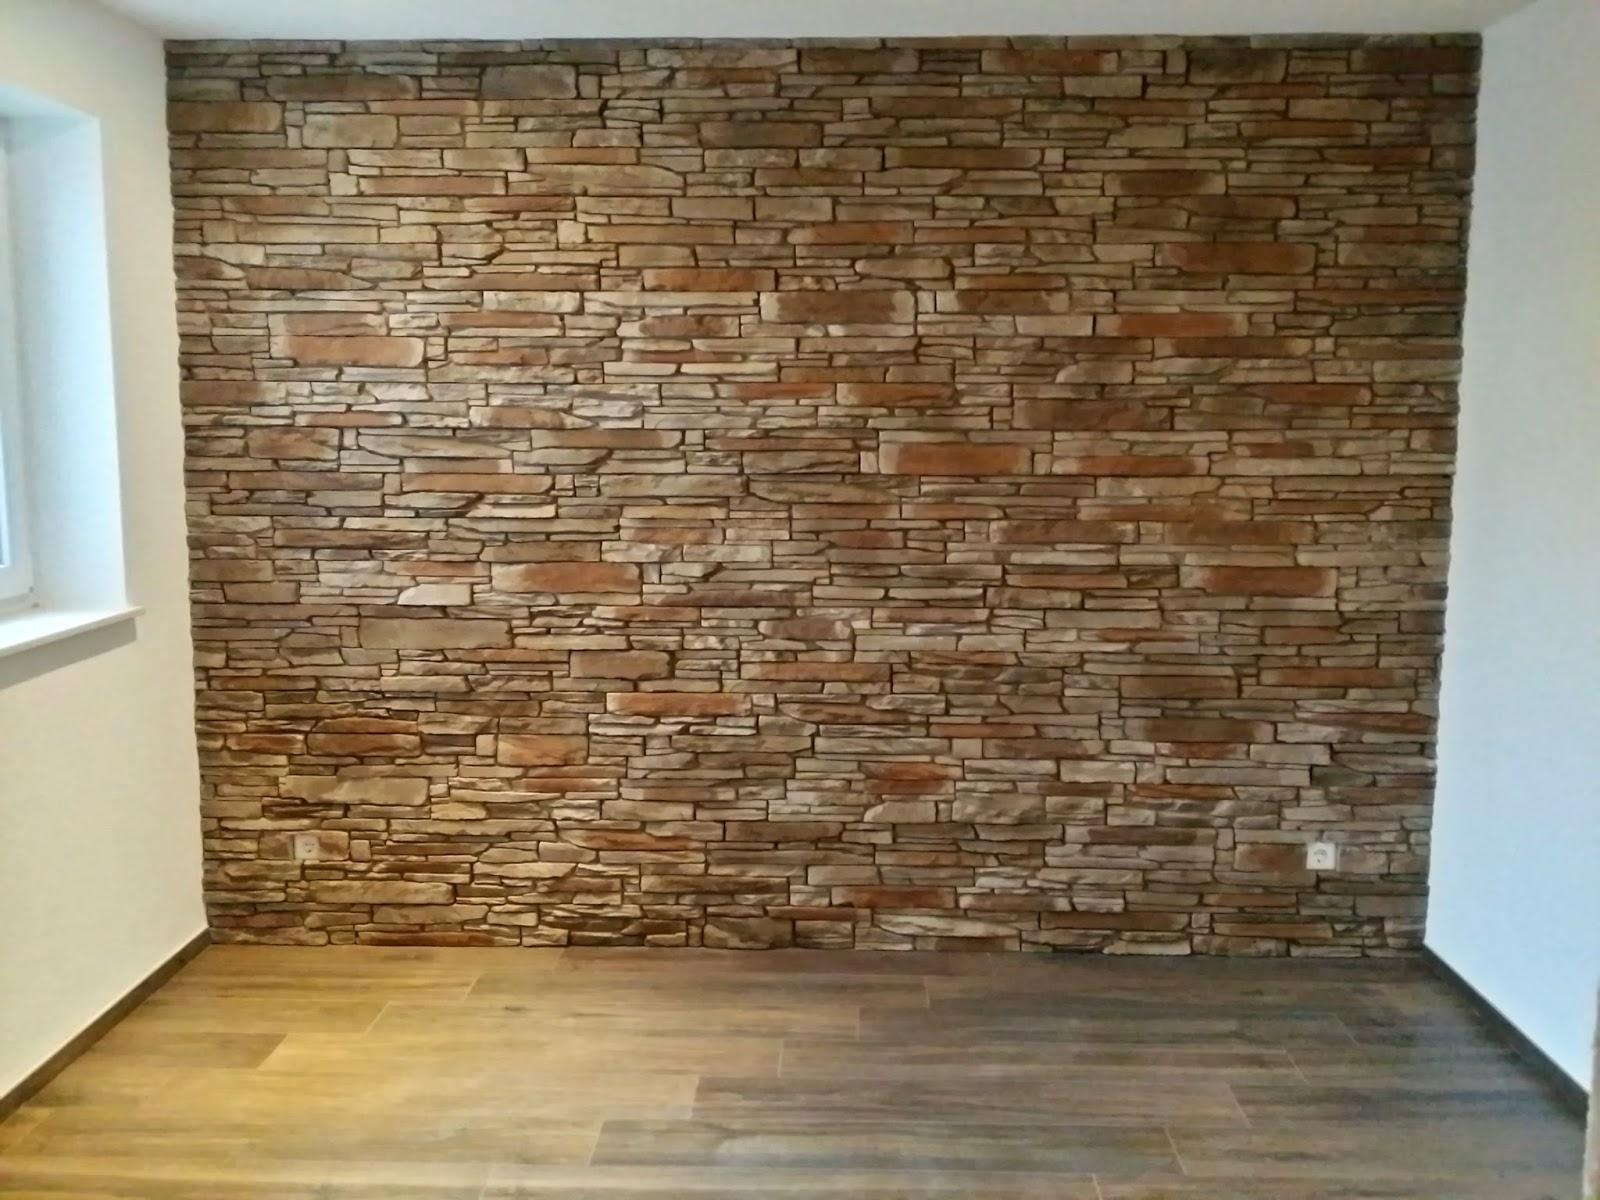 Baublog - Wir bauen in Neesbach: Bruchsteinwand in der Bar